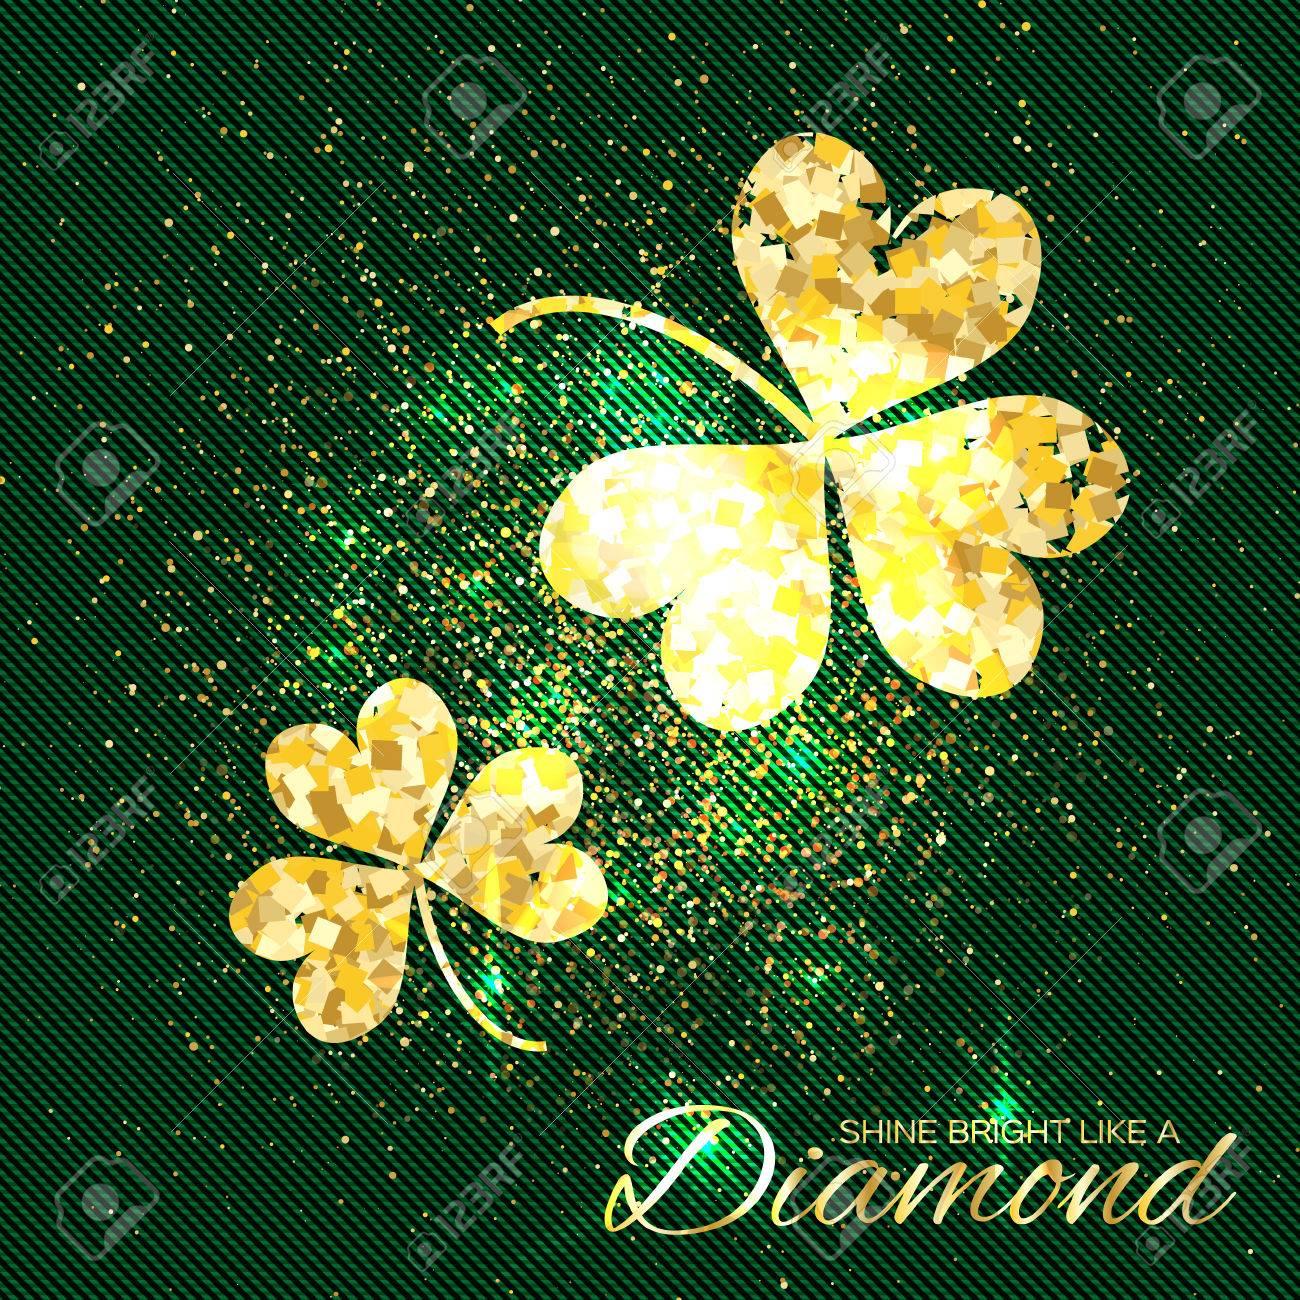 e021c42b1913 El Oro Brilla El Trébol En El Fondo Verde. Dos Brillante Flor Glamour  Purpurina. Tarjeta De Felicitación Con Textura De Oro Trébol De Tres Hojas.